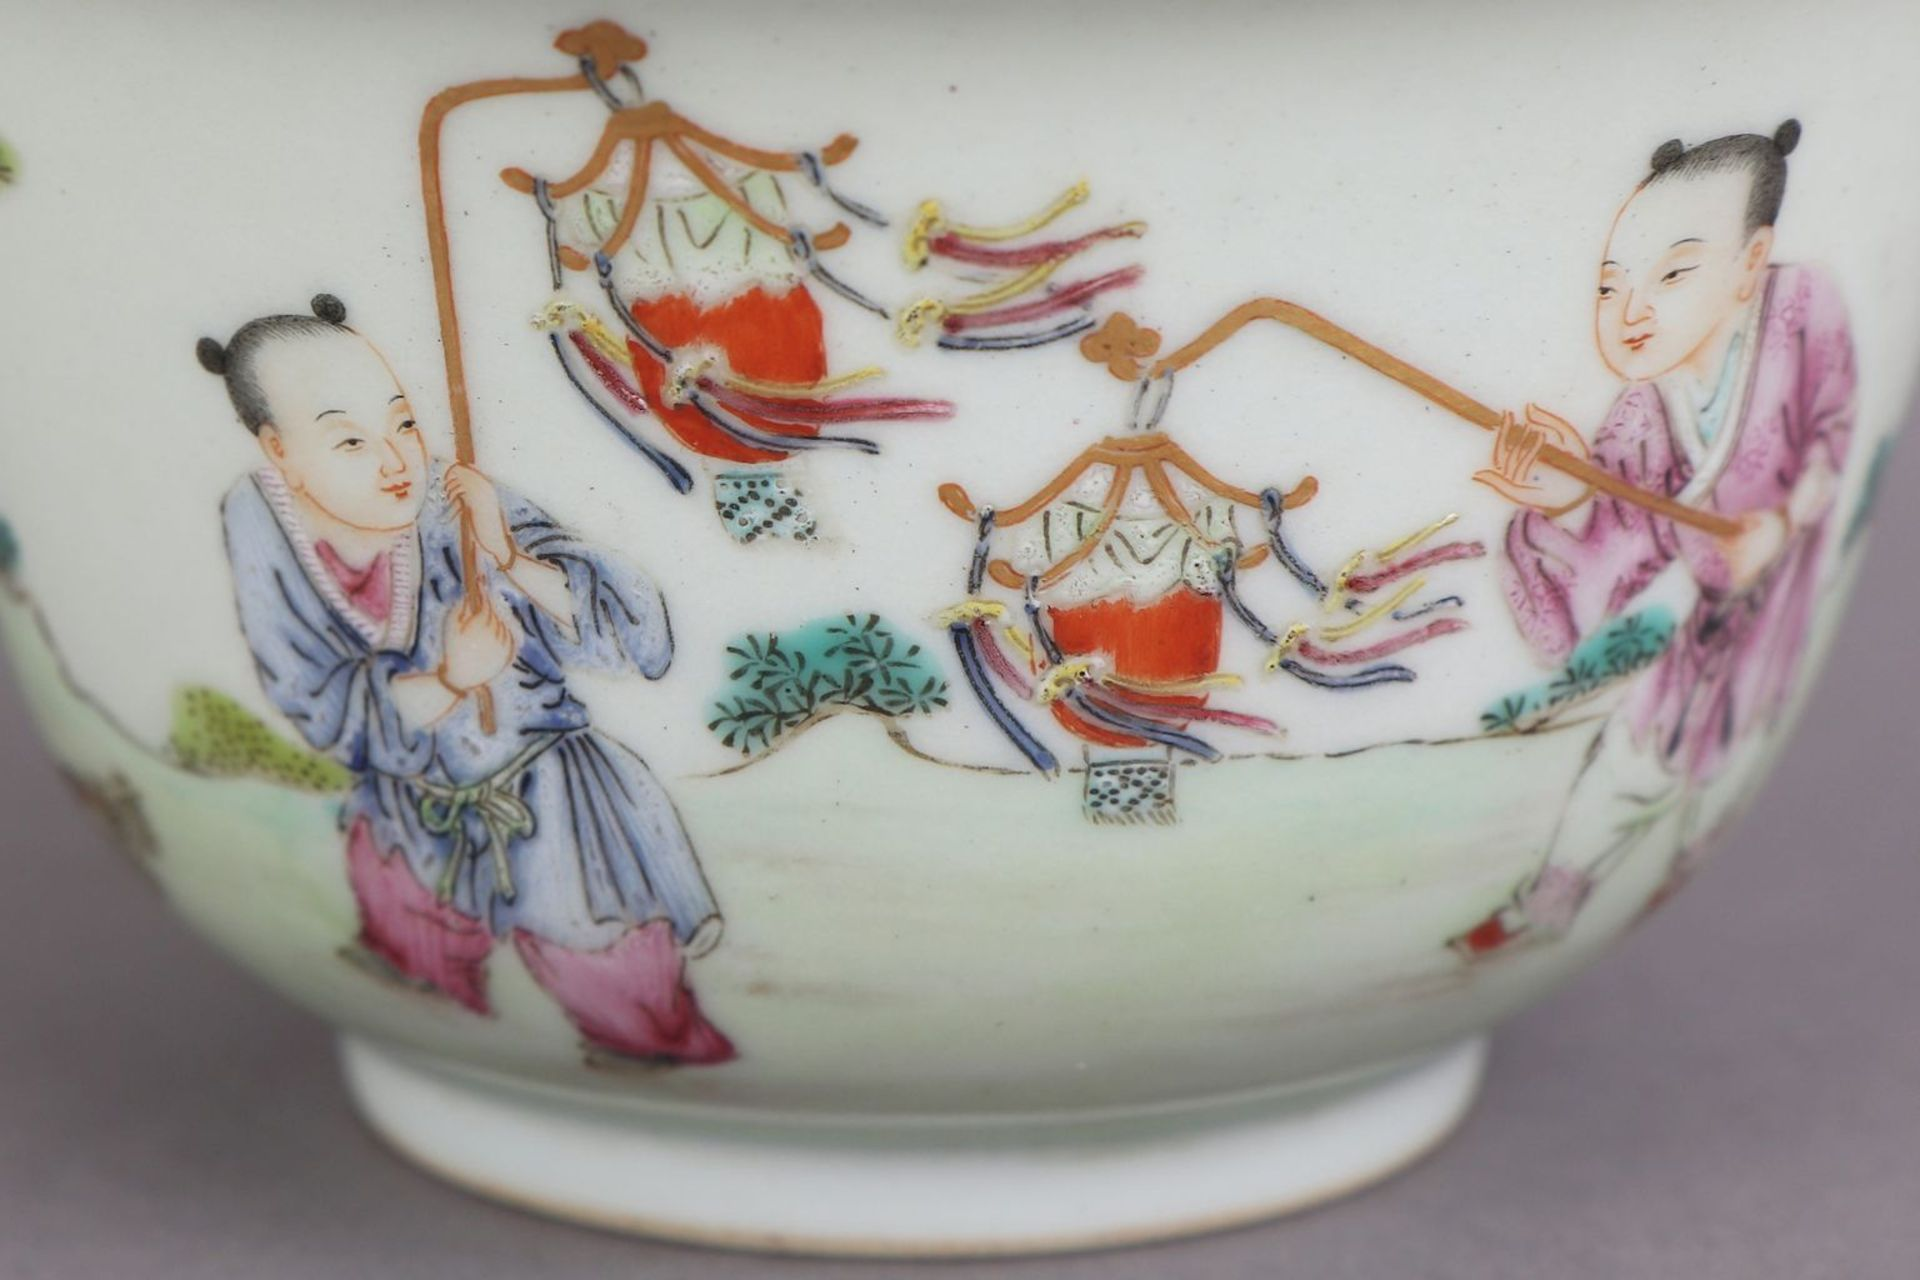 Chinesisches Porzellankoppchen des 20. Jahrhunderts - Bild 3 aus 4